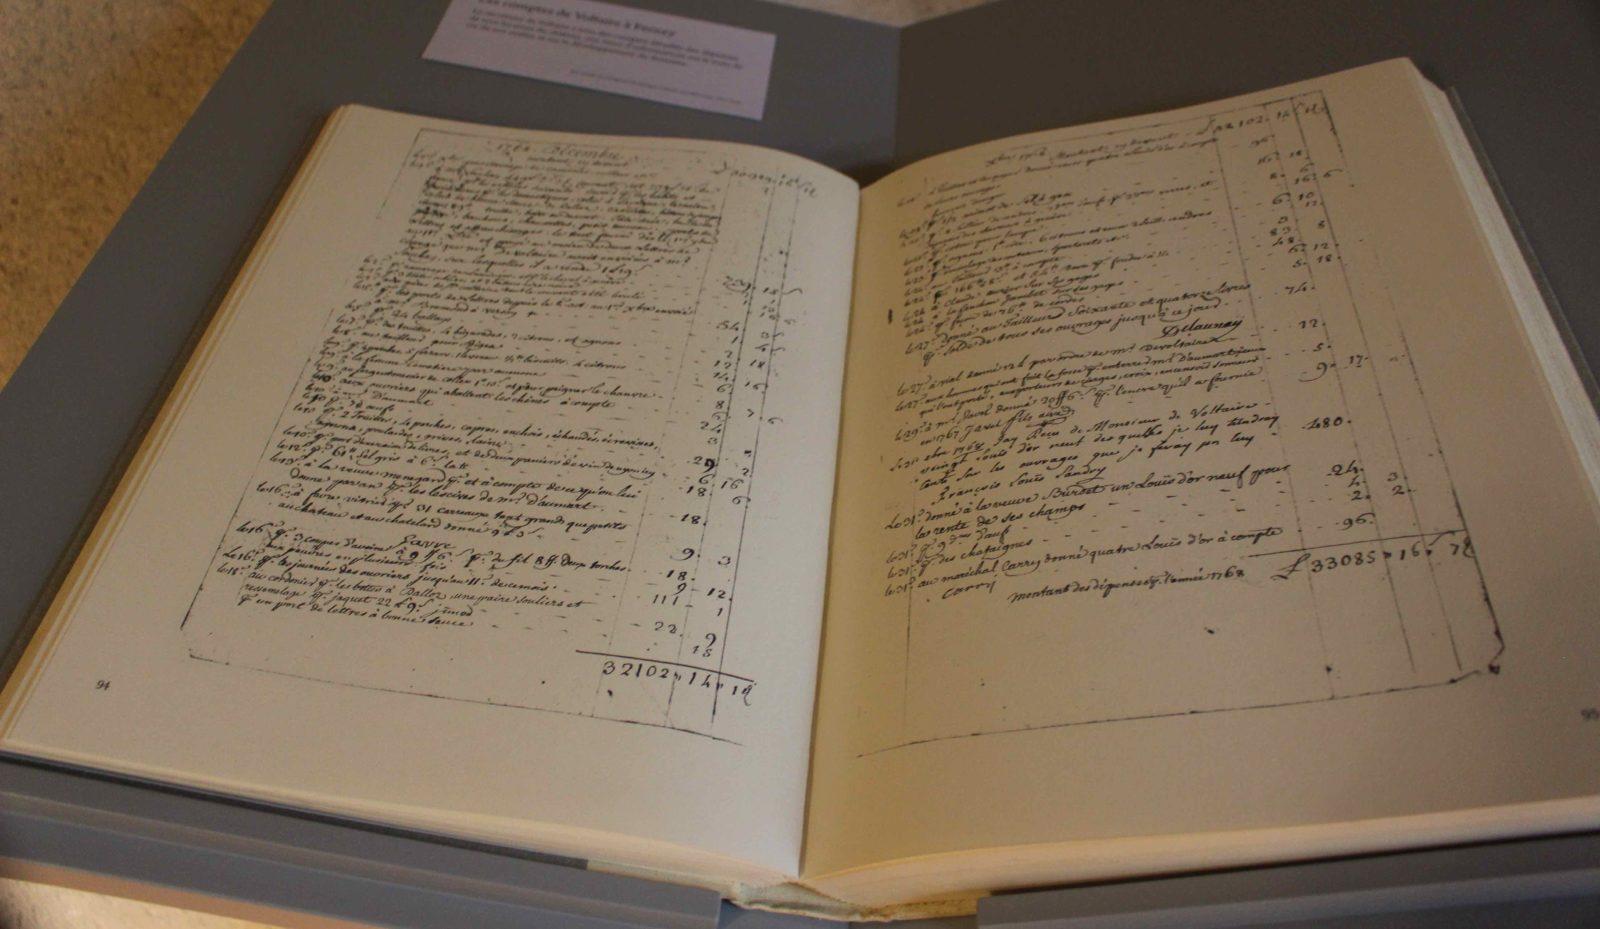 Voltaire chez lui Livre original : livre des comptes